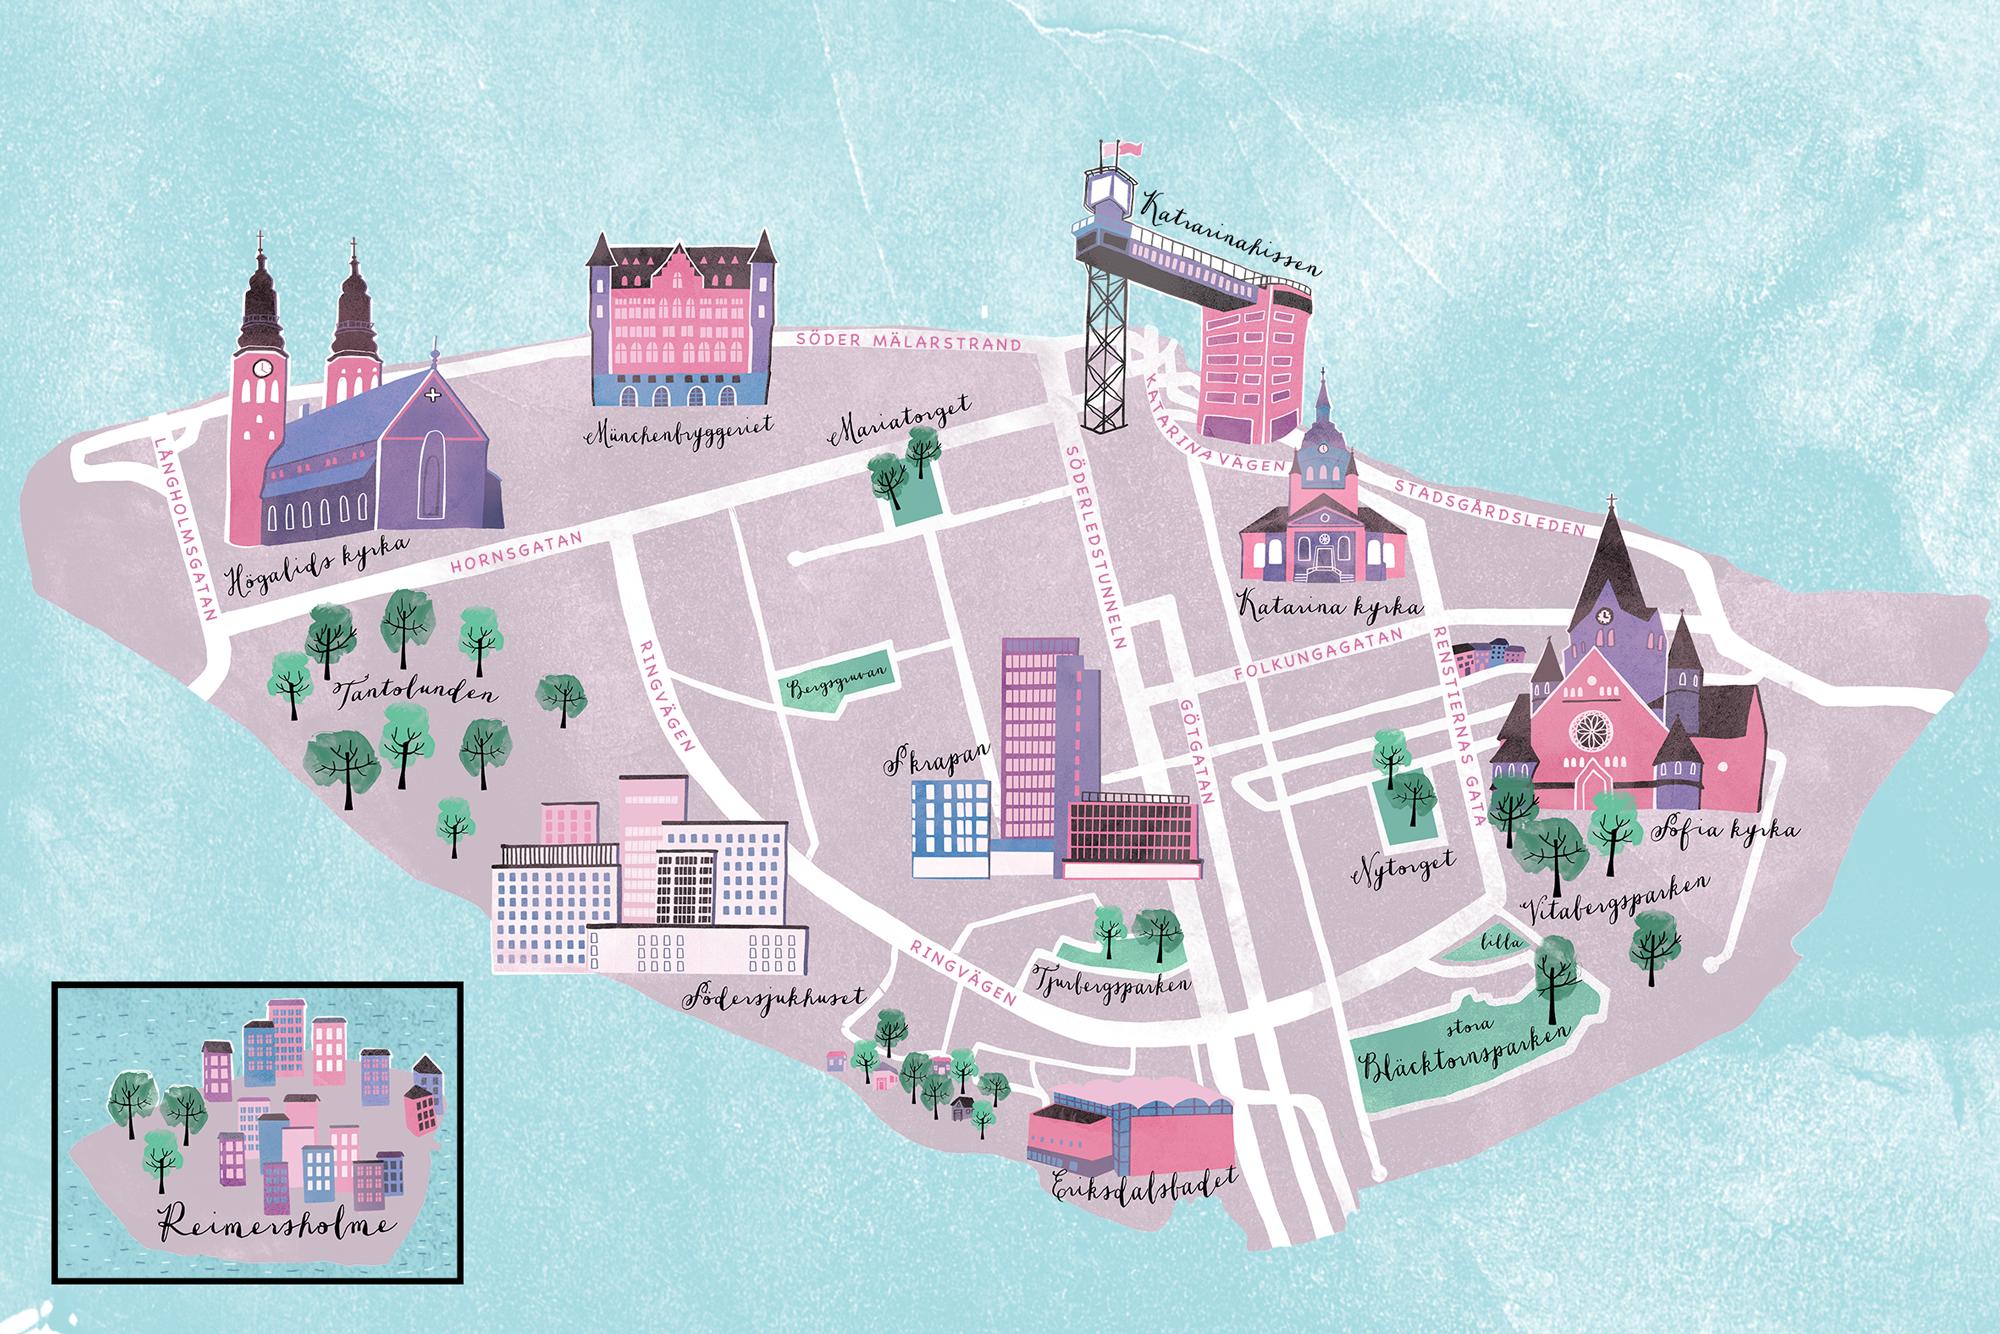 Karta över Södermalm    Digital drawing